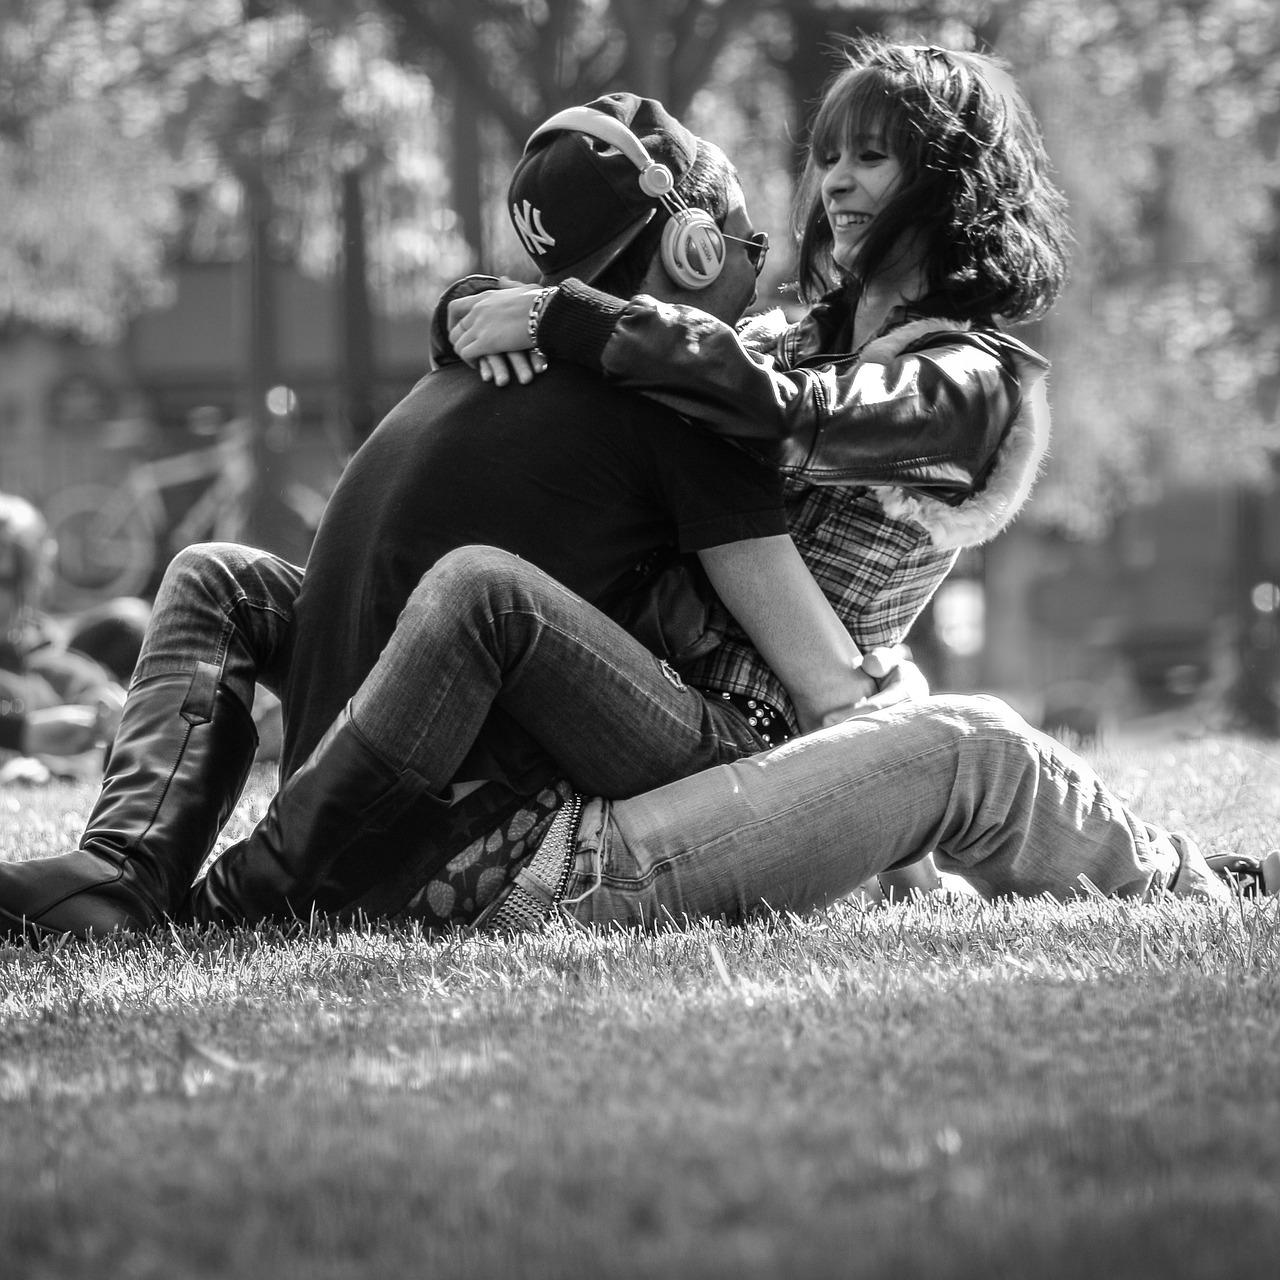 Πώς να ξέρεις αν ένα κορίτσι θέλει να σε βρει